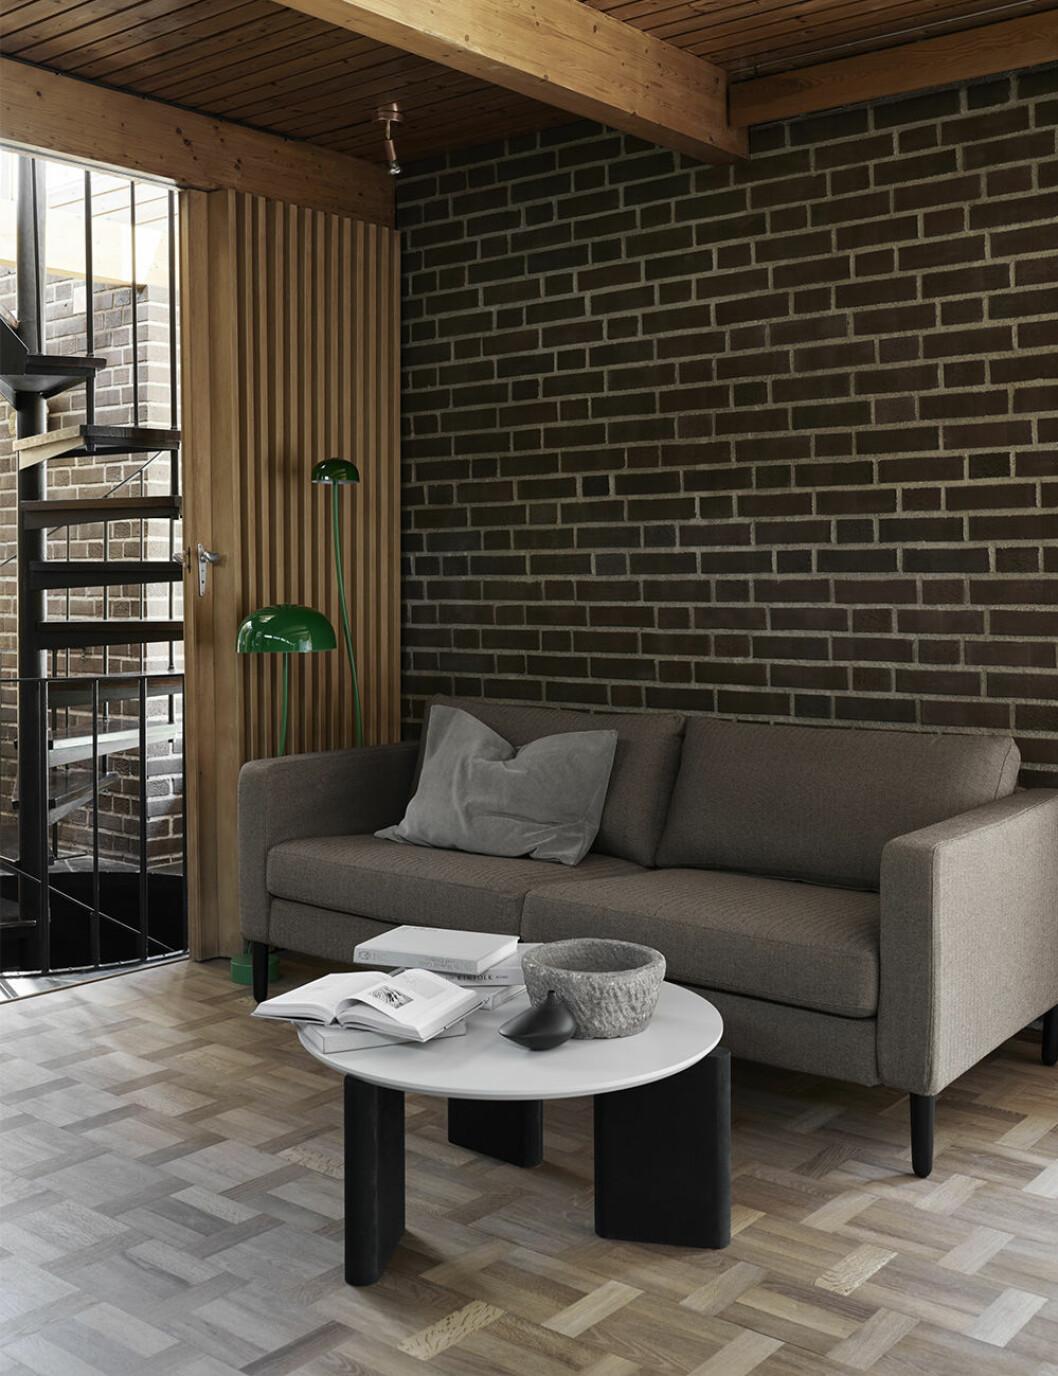 Hållbara överdrag och klädslar till Ikea-soffor från Bemz